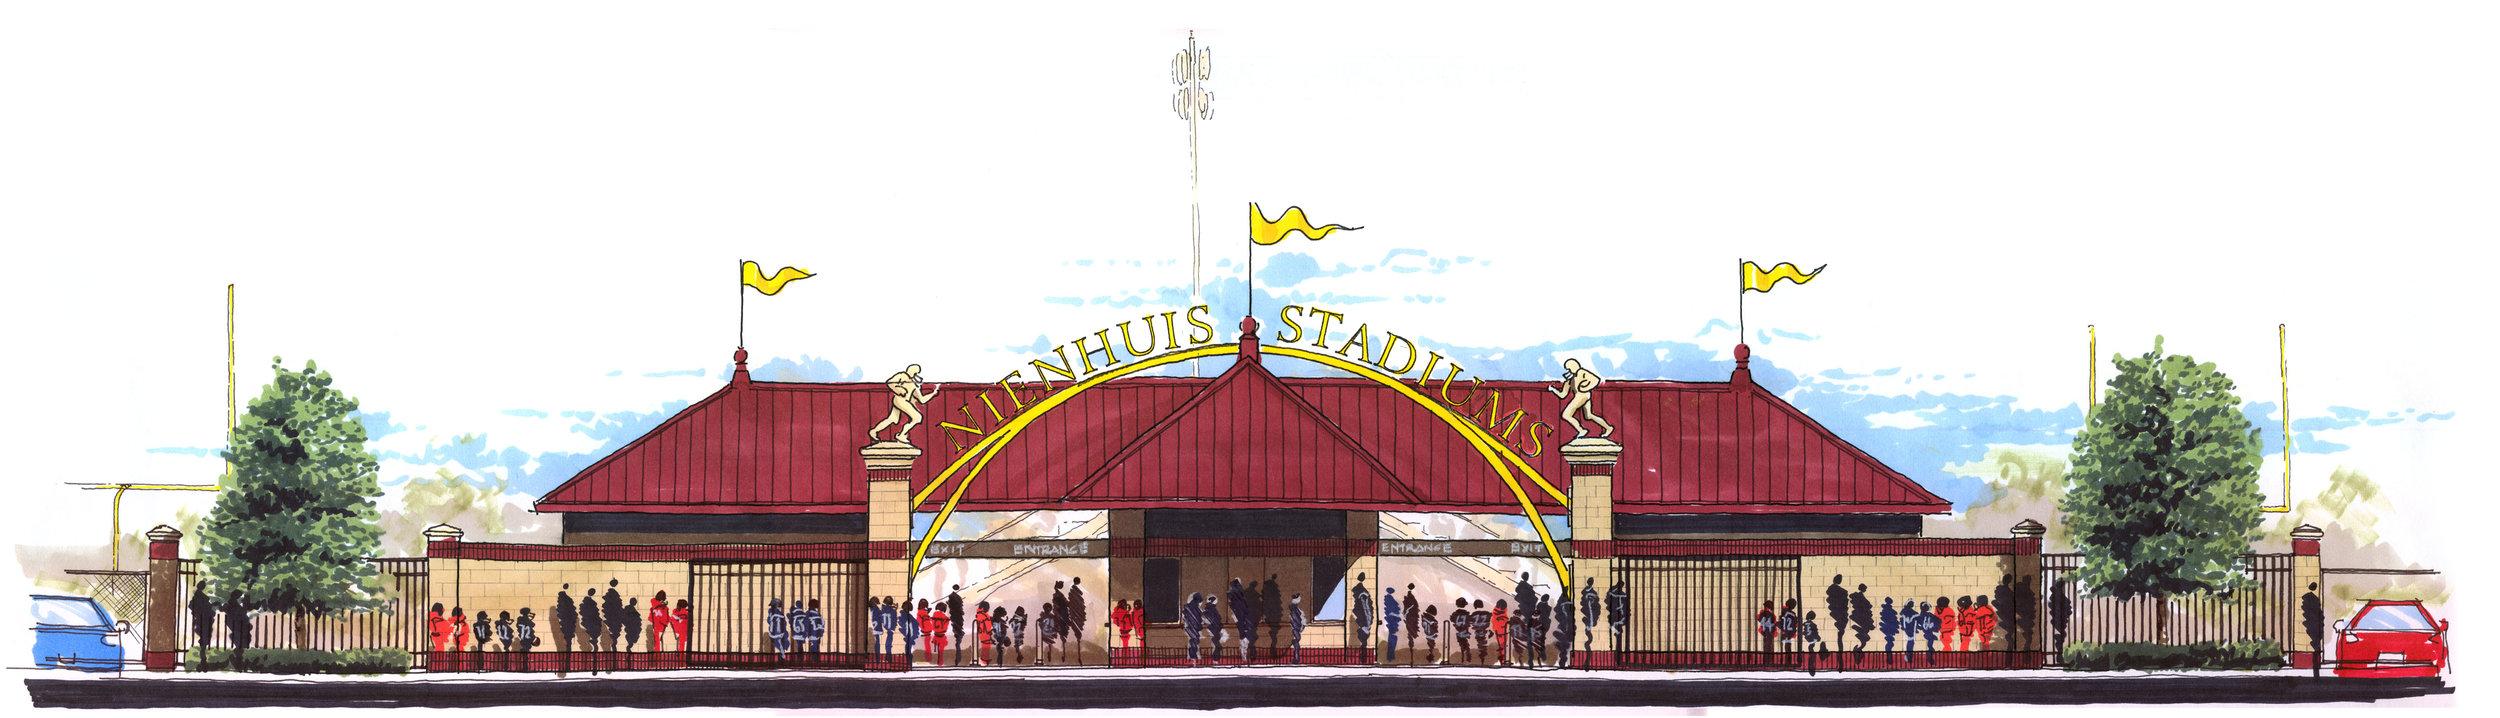 NIENHUUIS stadium.jpg